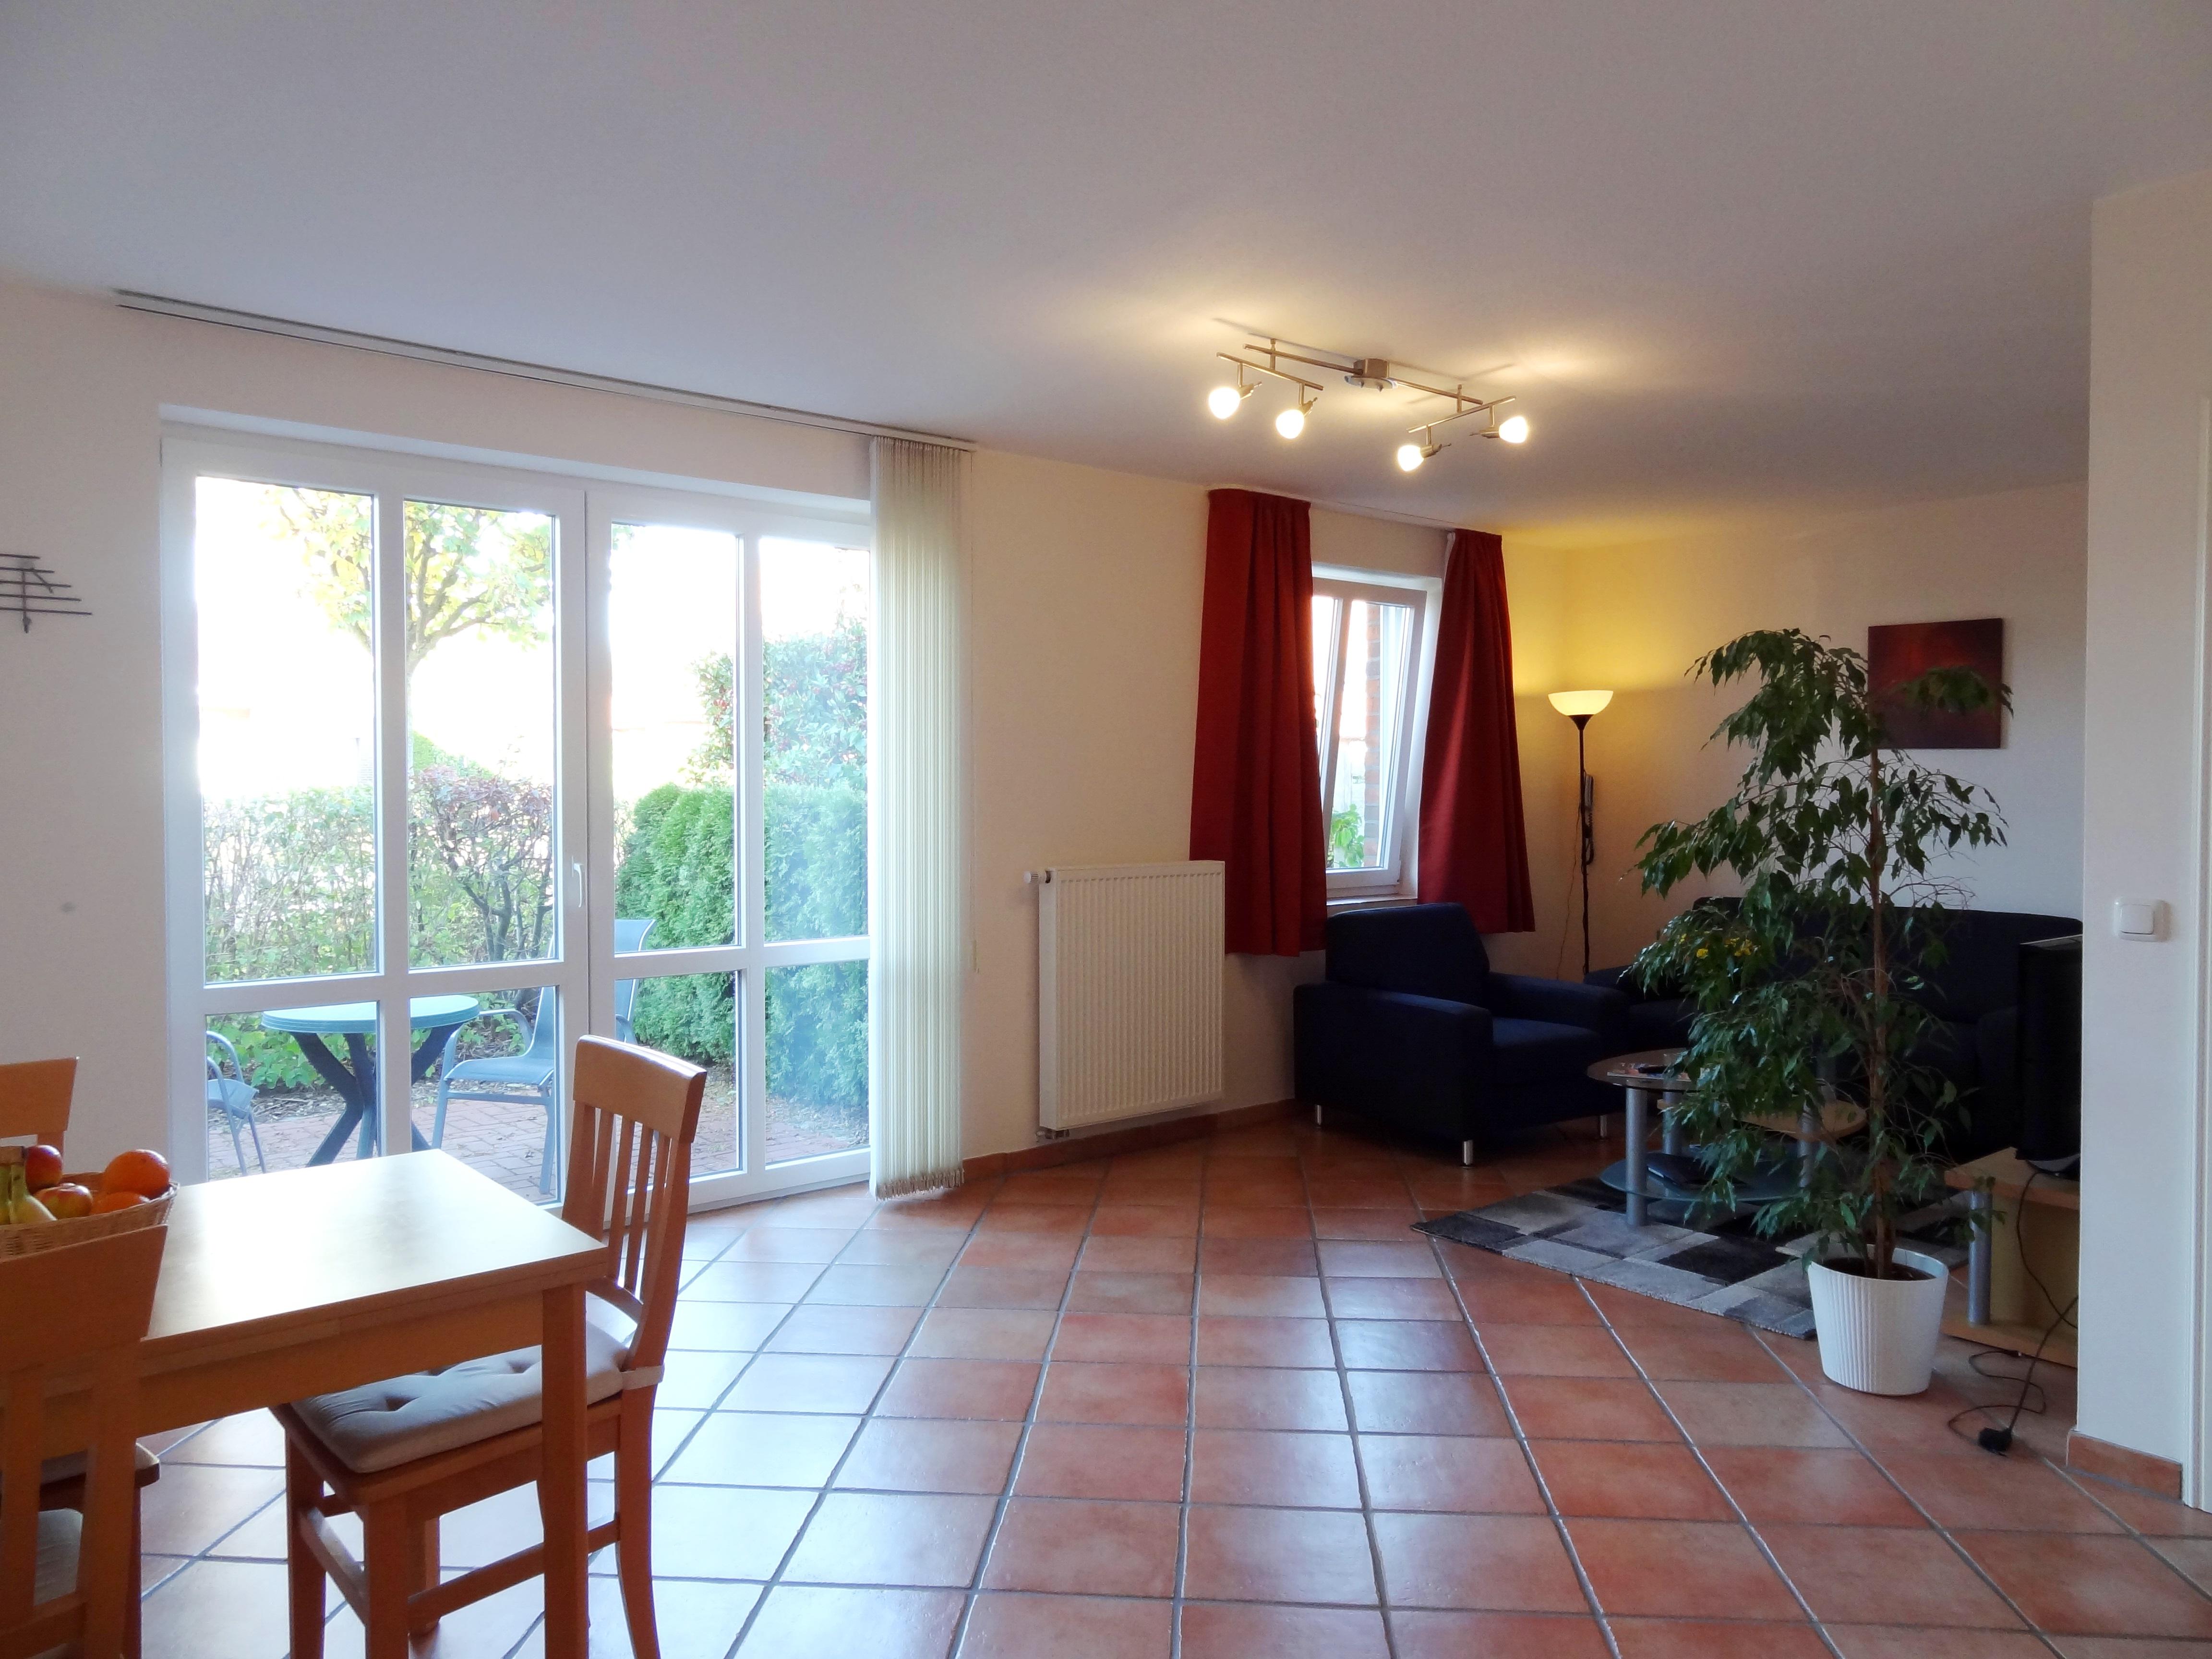 Wohnzimmer mit Essbereich der Ferienwohnung Brandenburg von Ferienwohnungen Hass auf Fehmarn